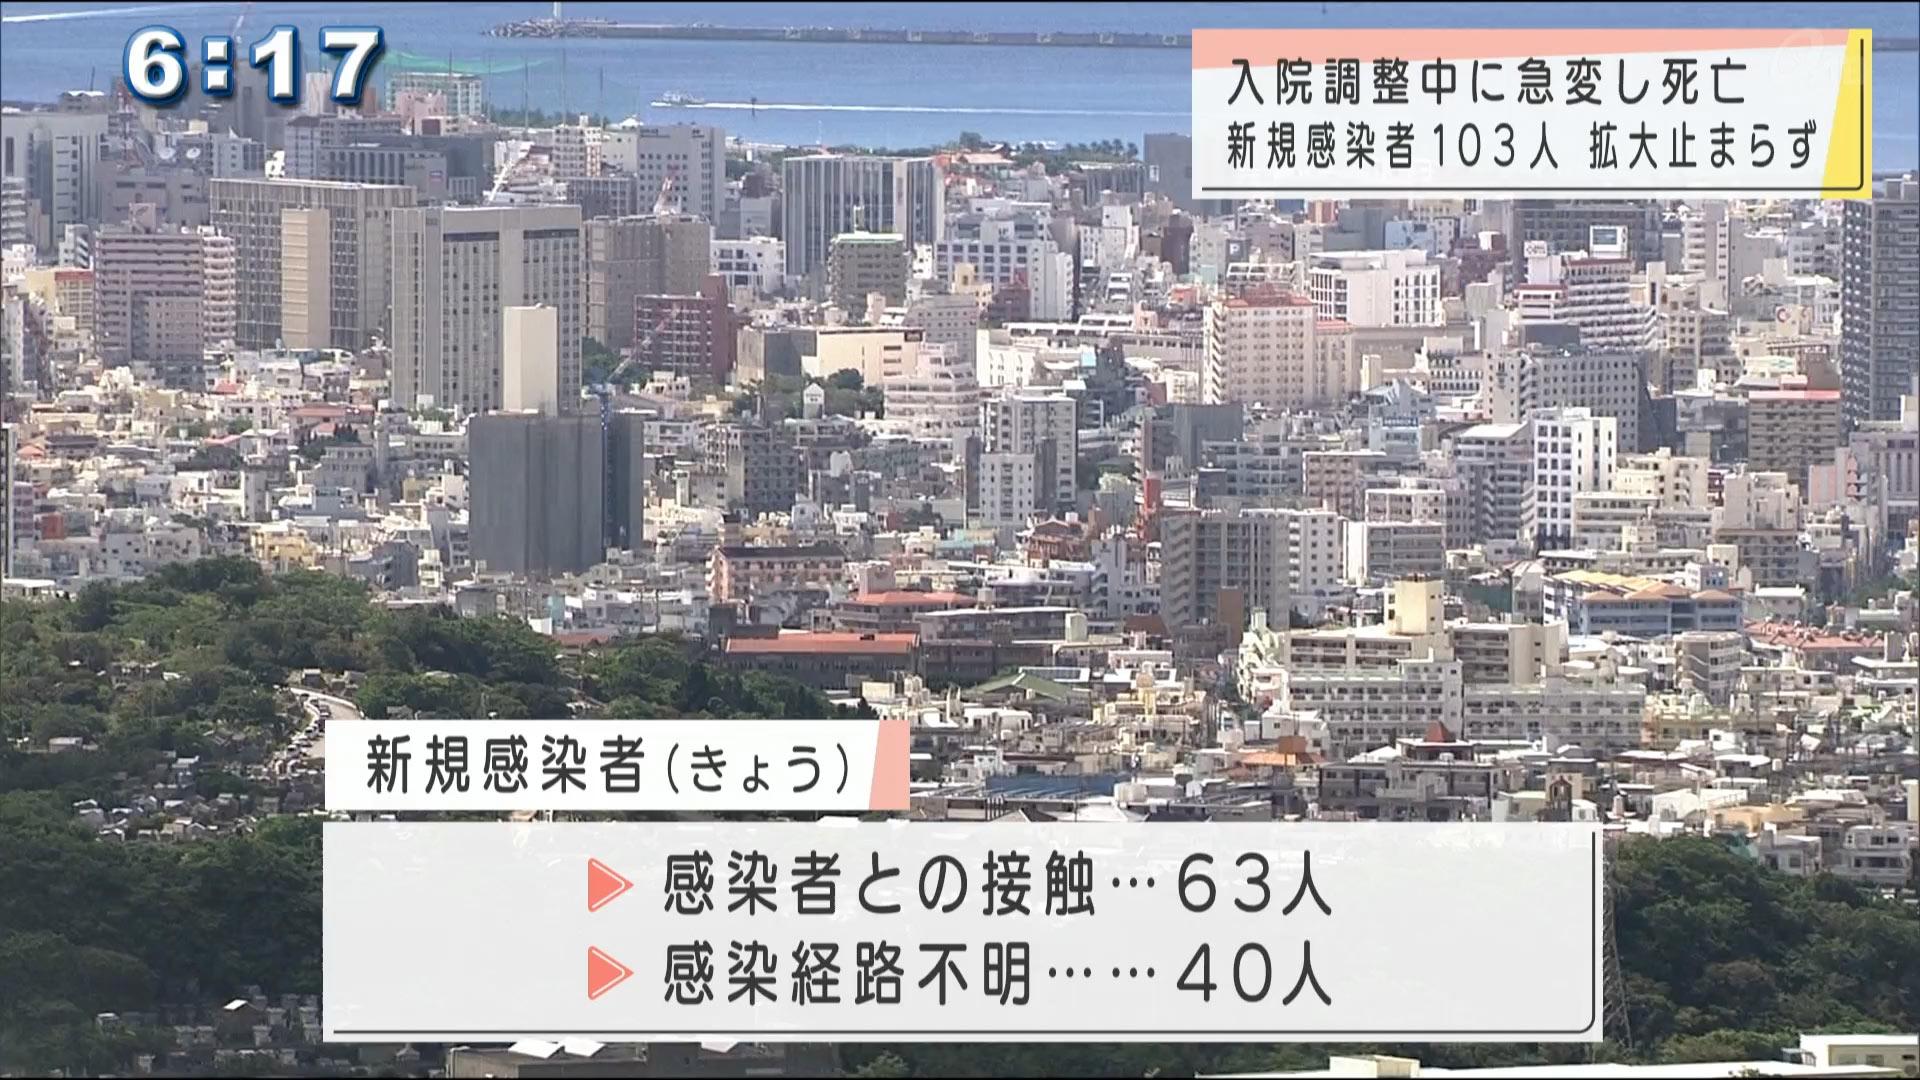 沖縄県 コロナ新規感染者103人 1人死亡